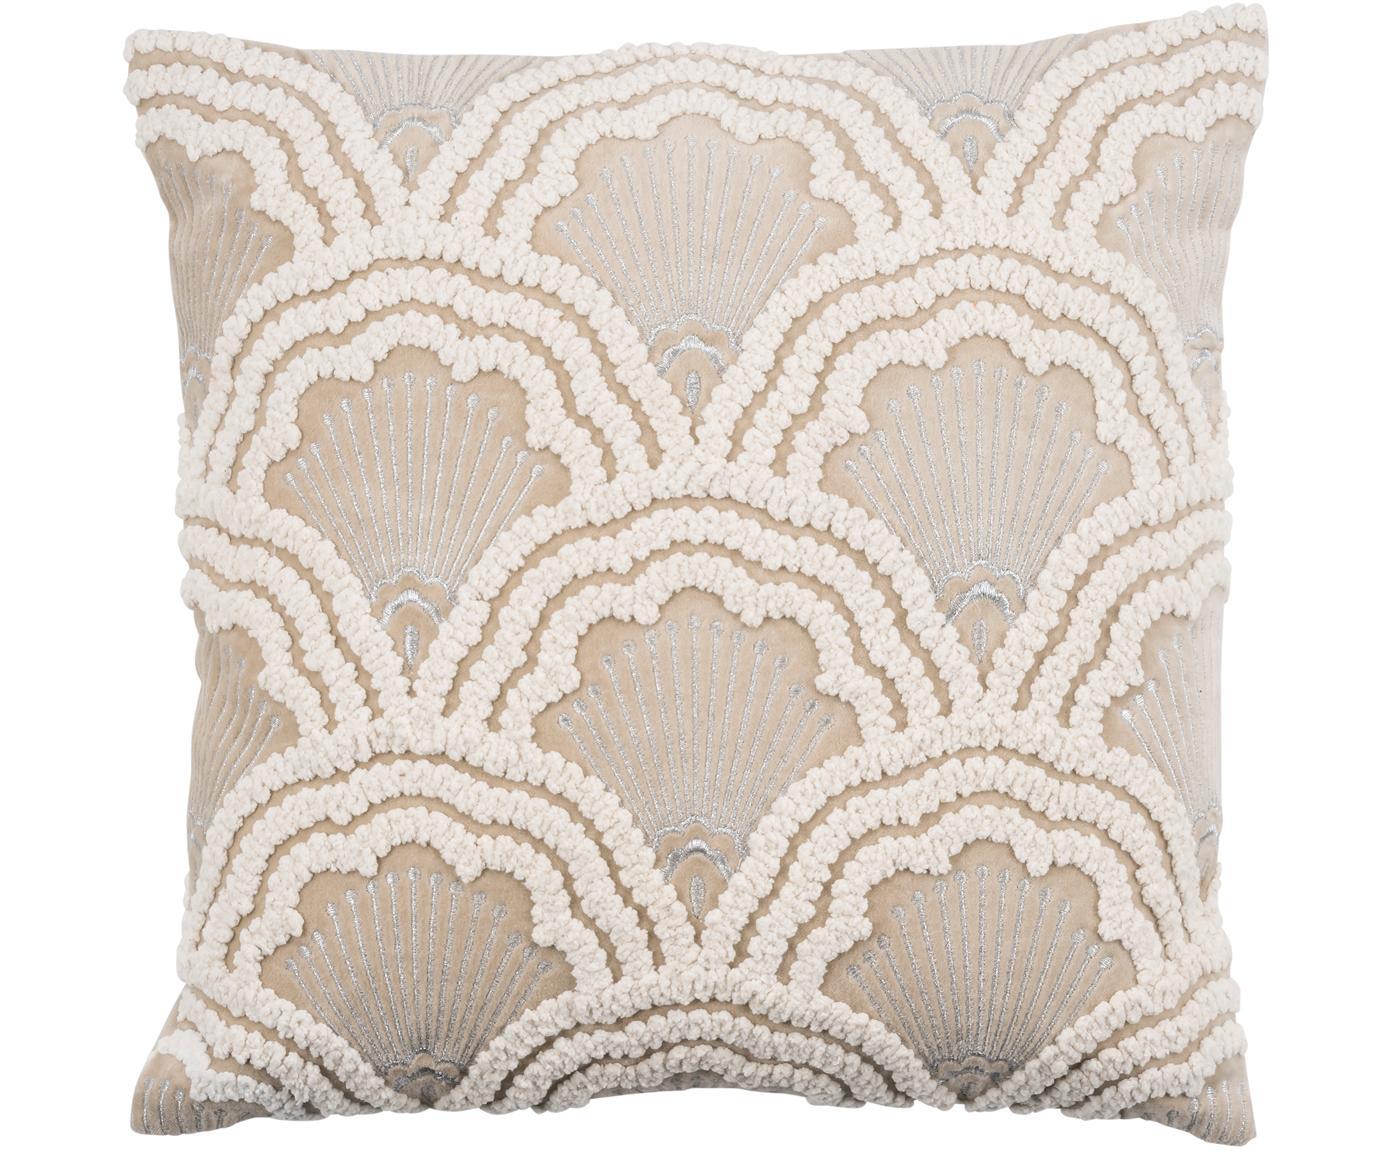 Funda de cojín bordada de terciopelo Chelsey, 100%terciopelo de algodón, Beige claro, An 45 x L 45